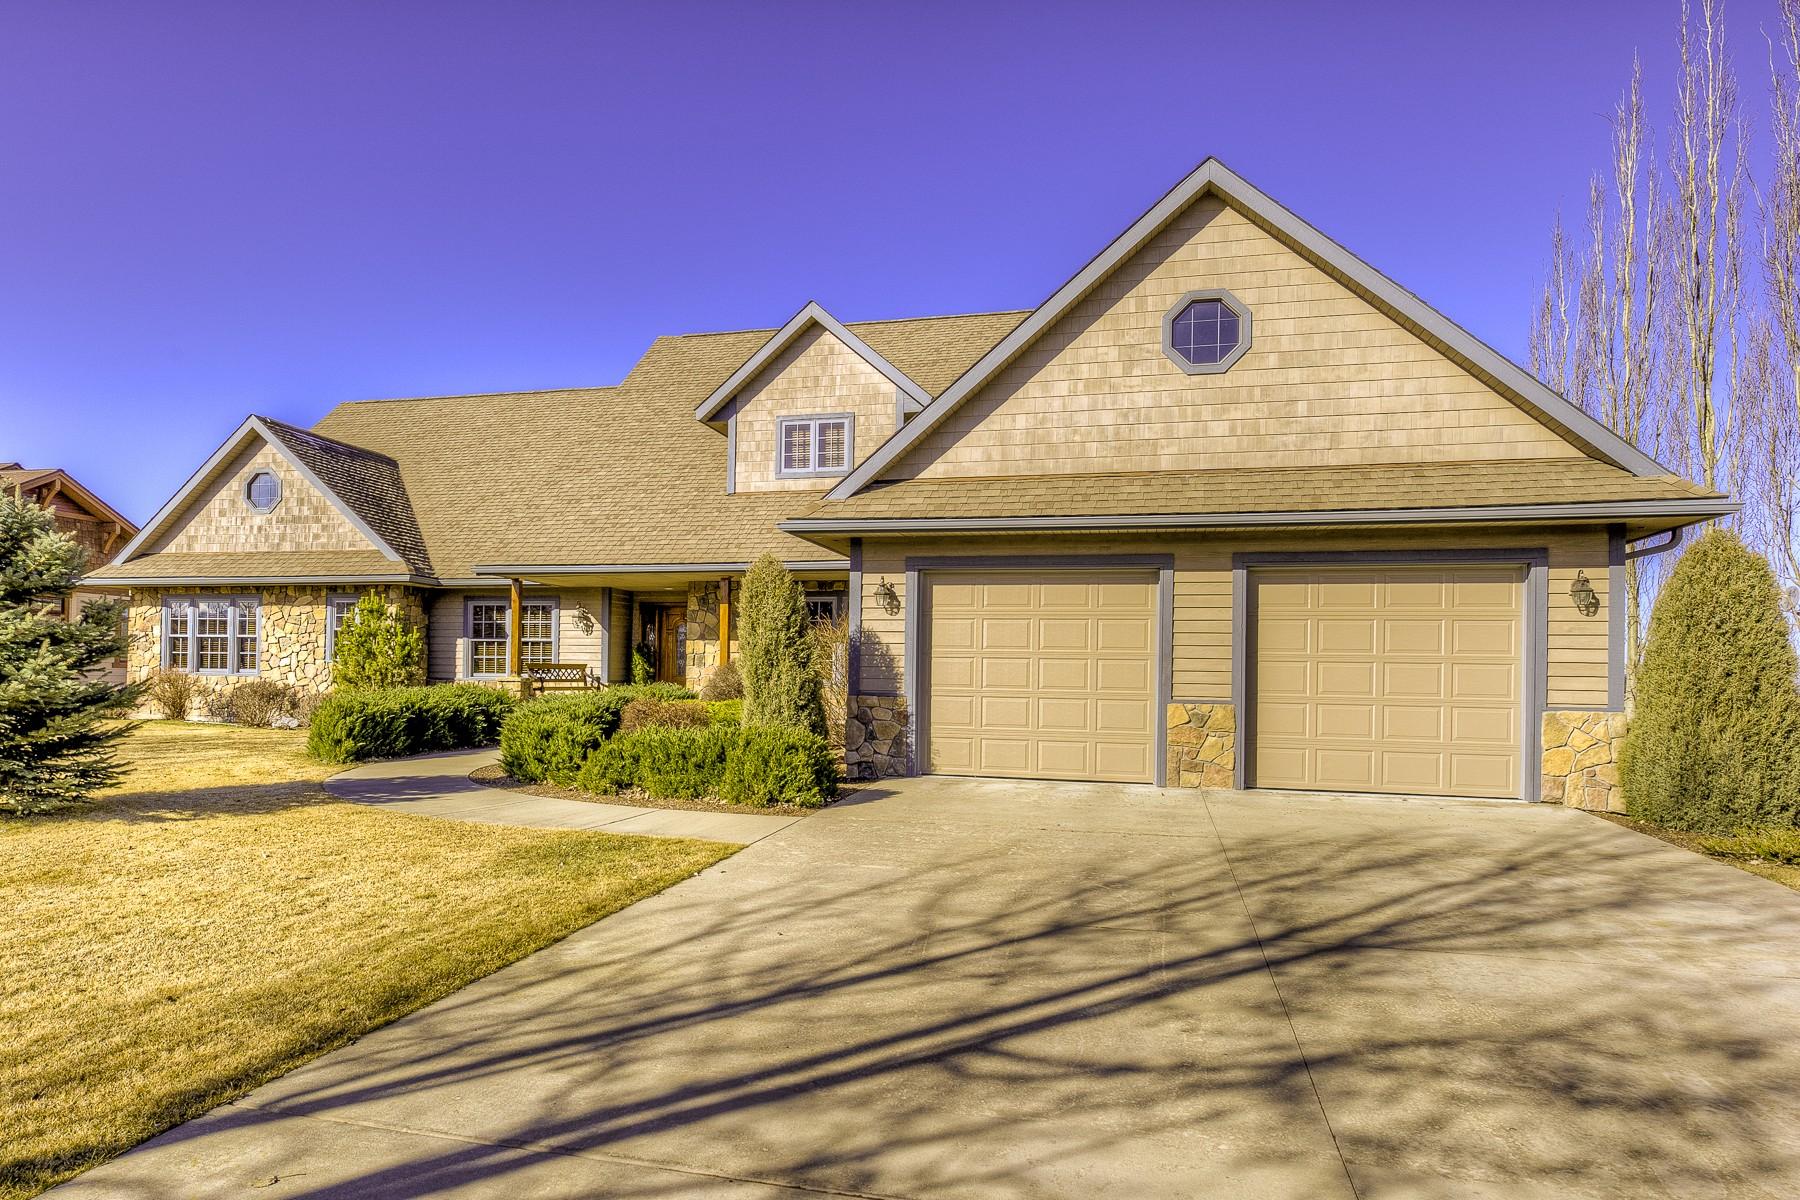 Casa Unifamiliar por un Venta en Riverfront Rancher 243 Harbor Drive Bigfork, Montana 59911 Estados Unidos